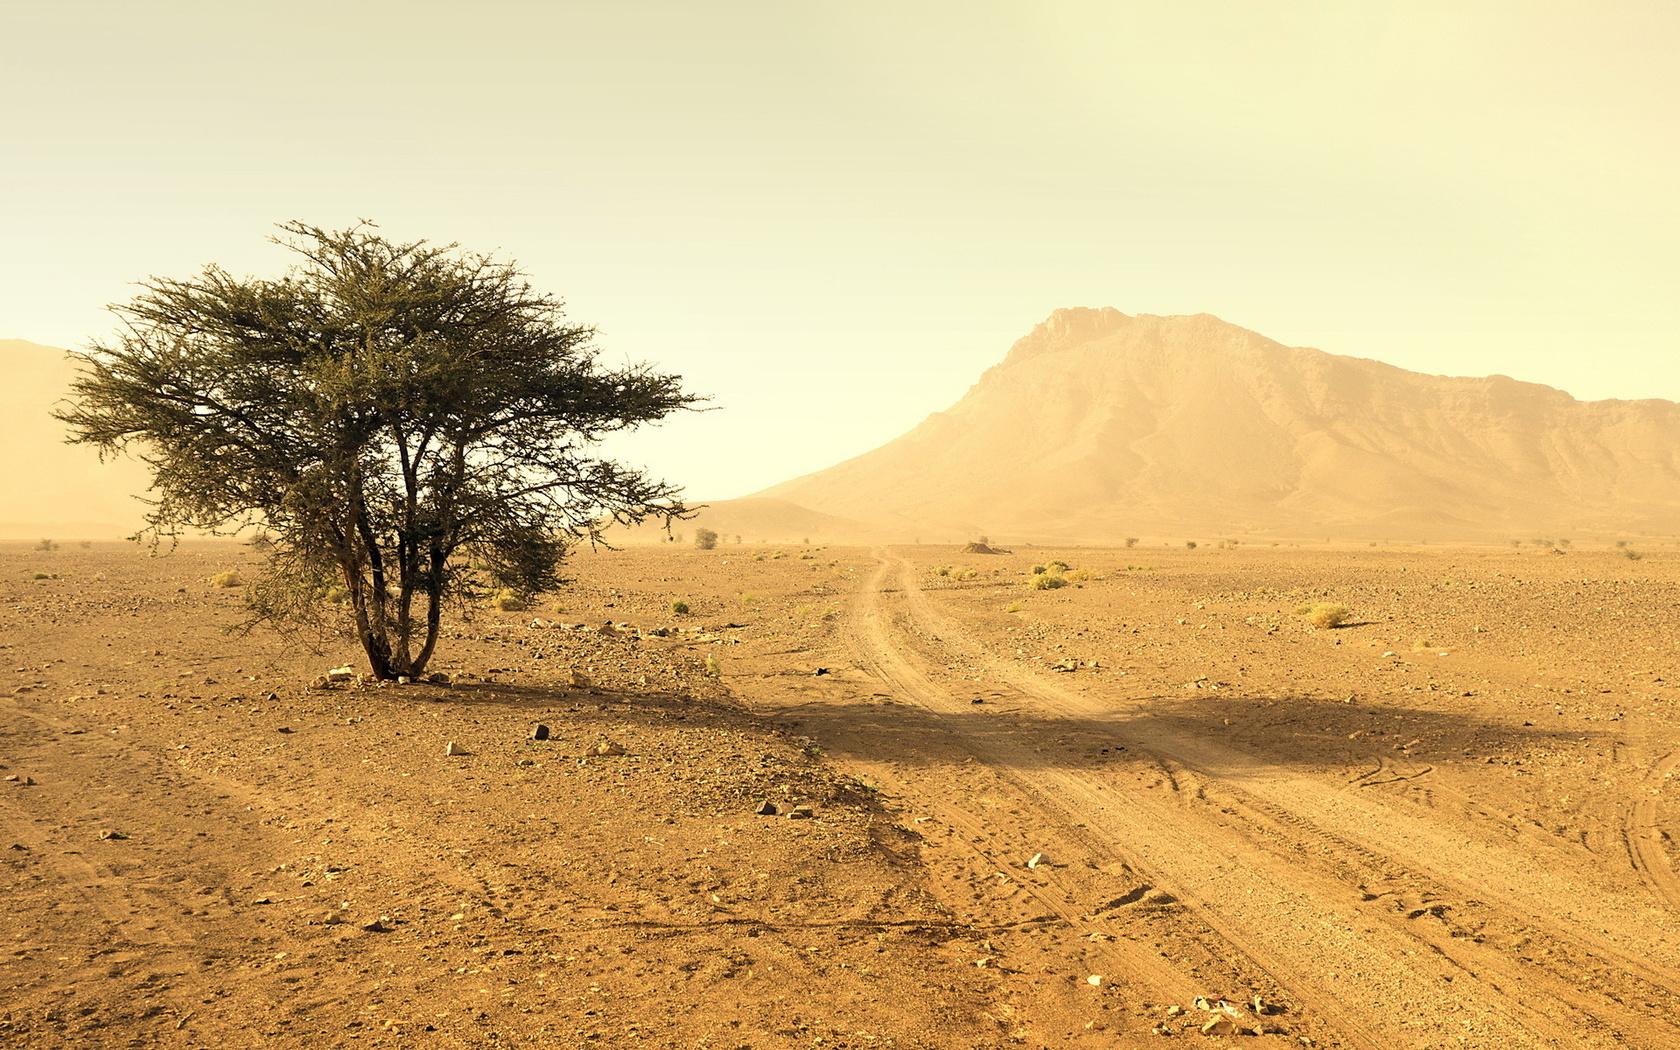 пустыня, дерево, дорога